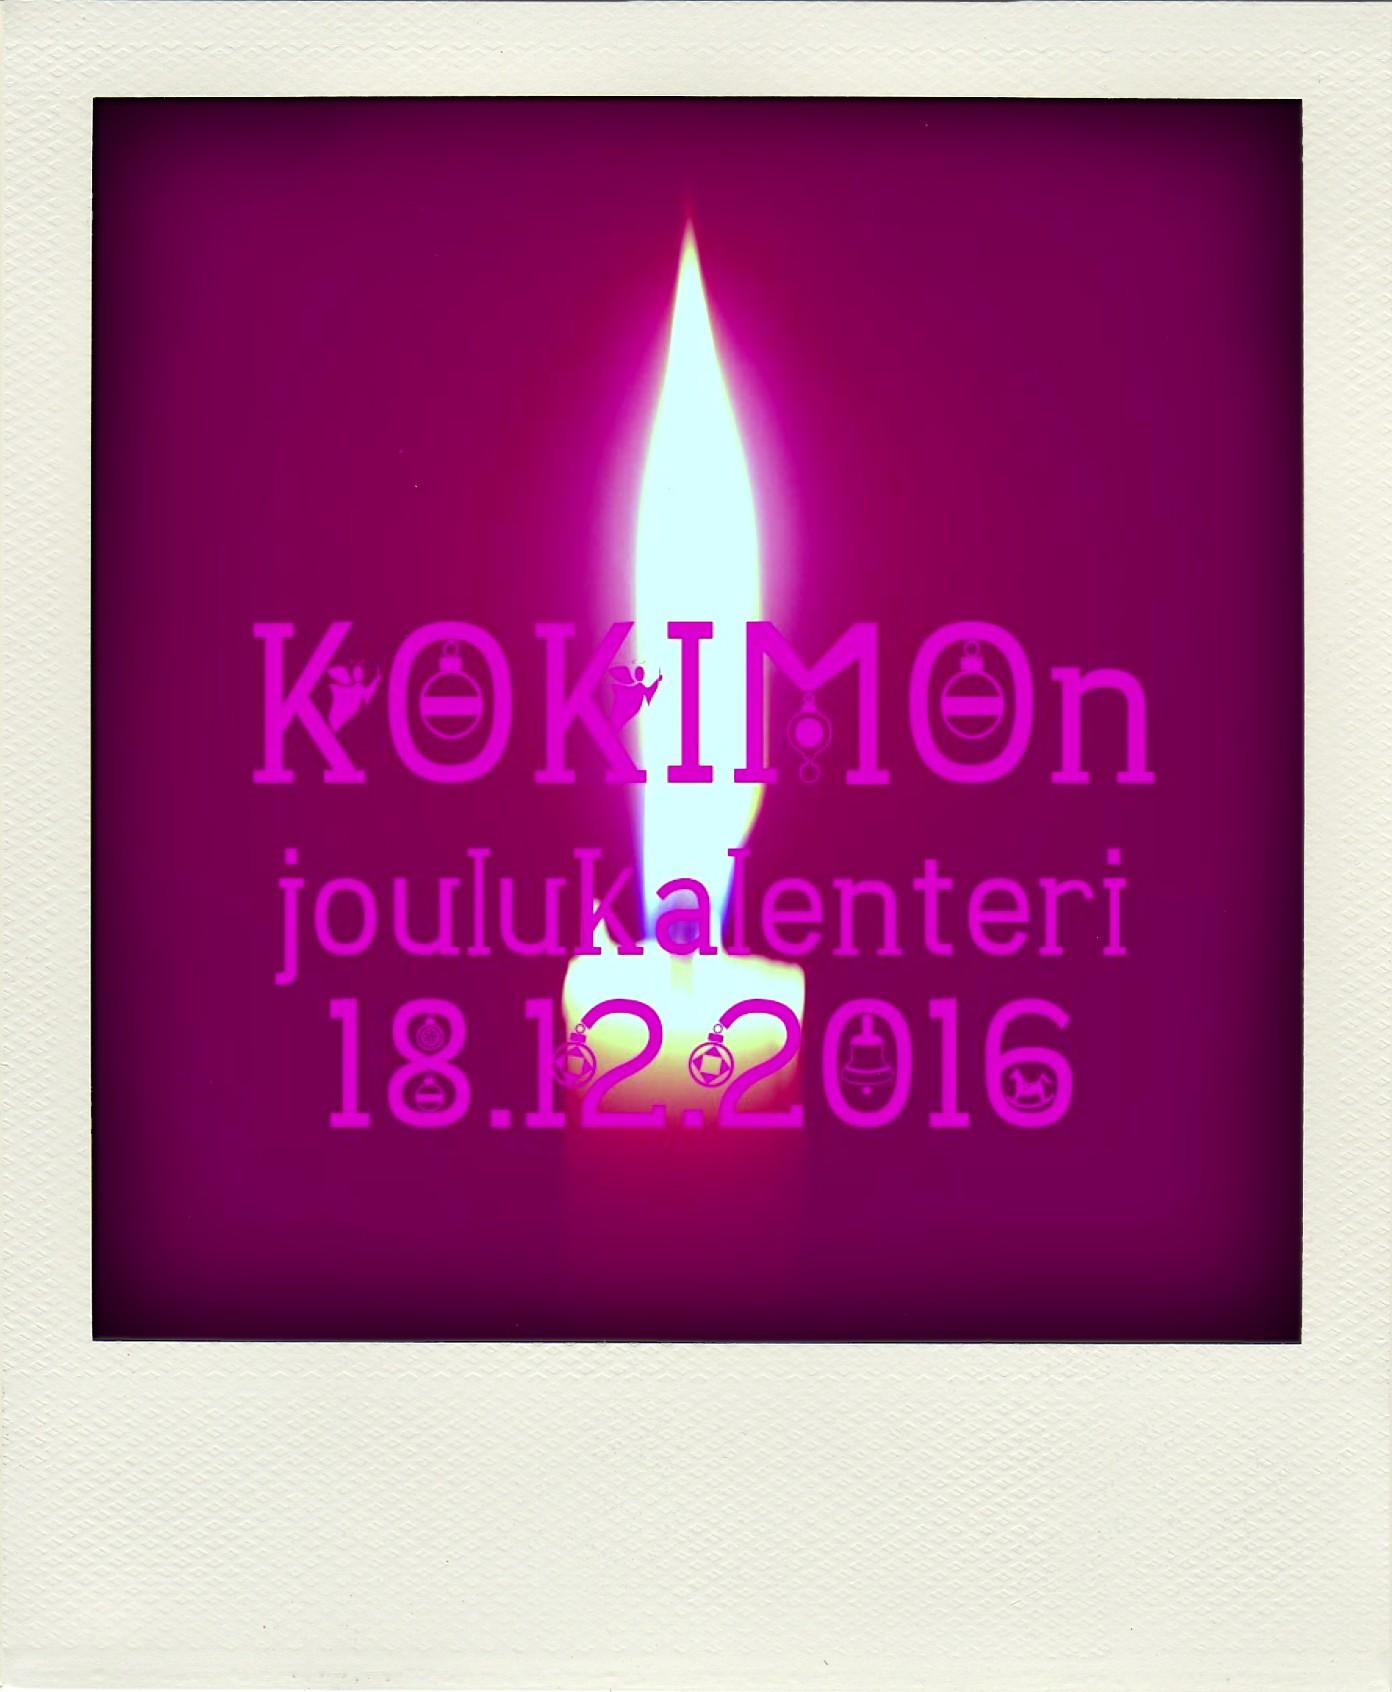 kokimon_joulukalenteri18